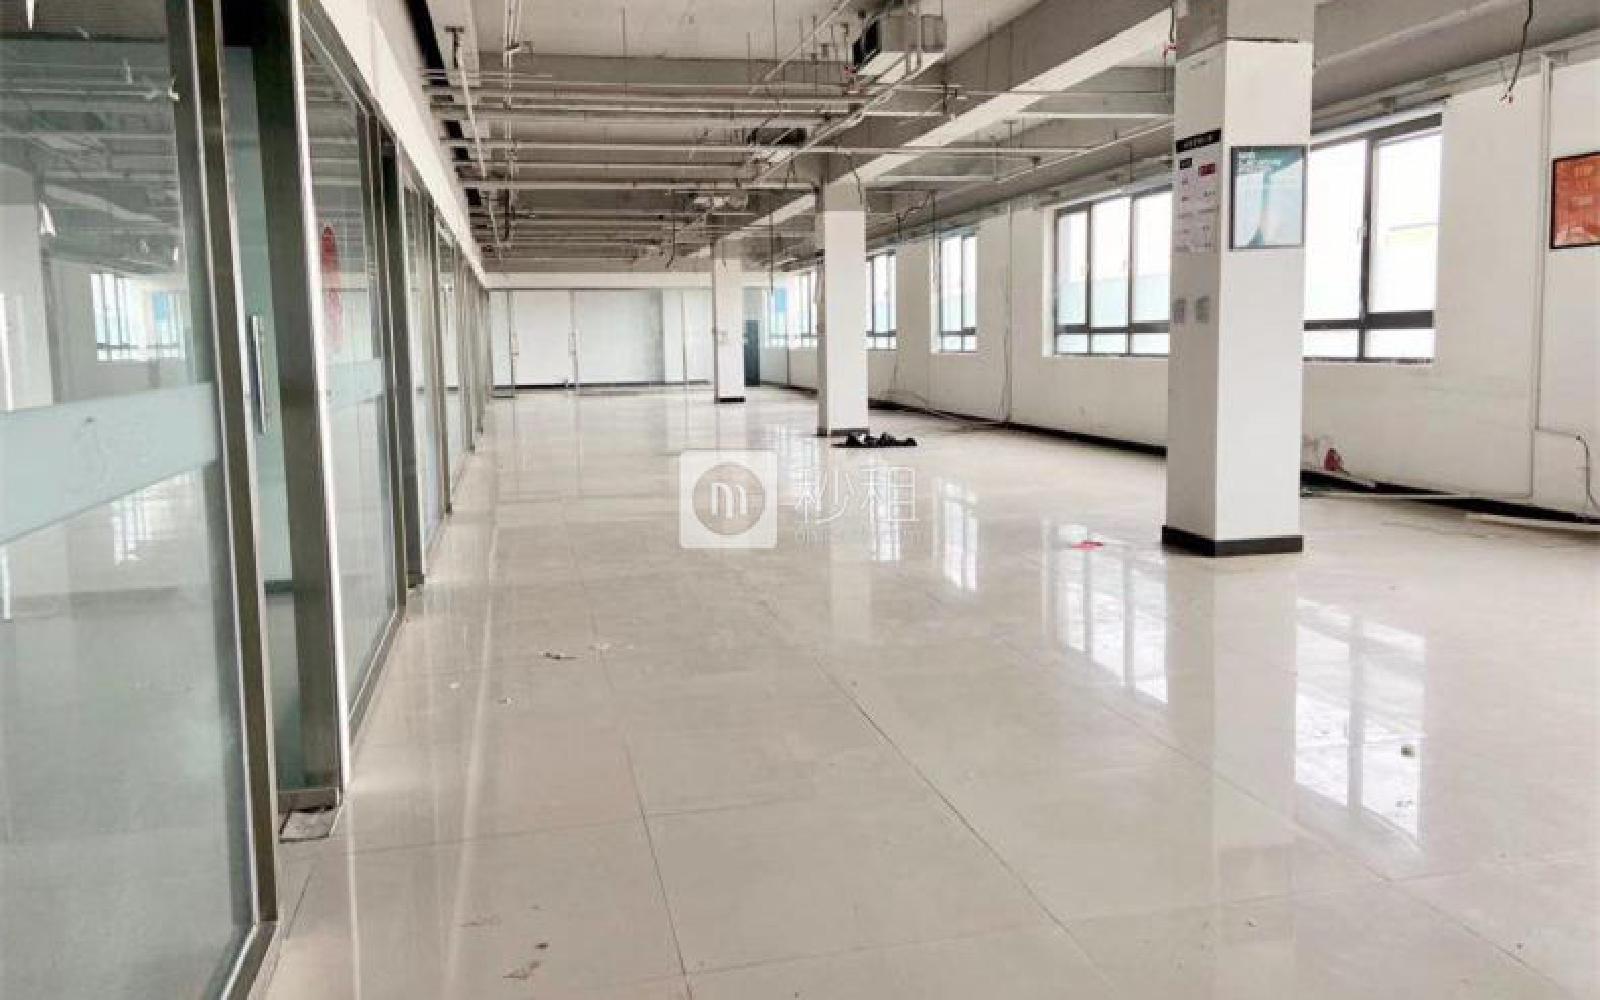 昌平-回龙观 龙冠商务中心银座-乐邦乐成创业基地 700m²